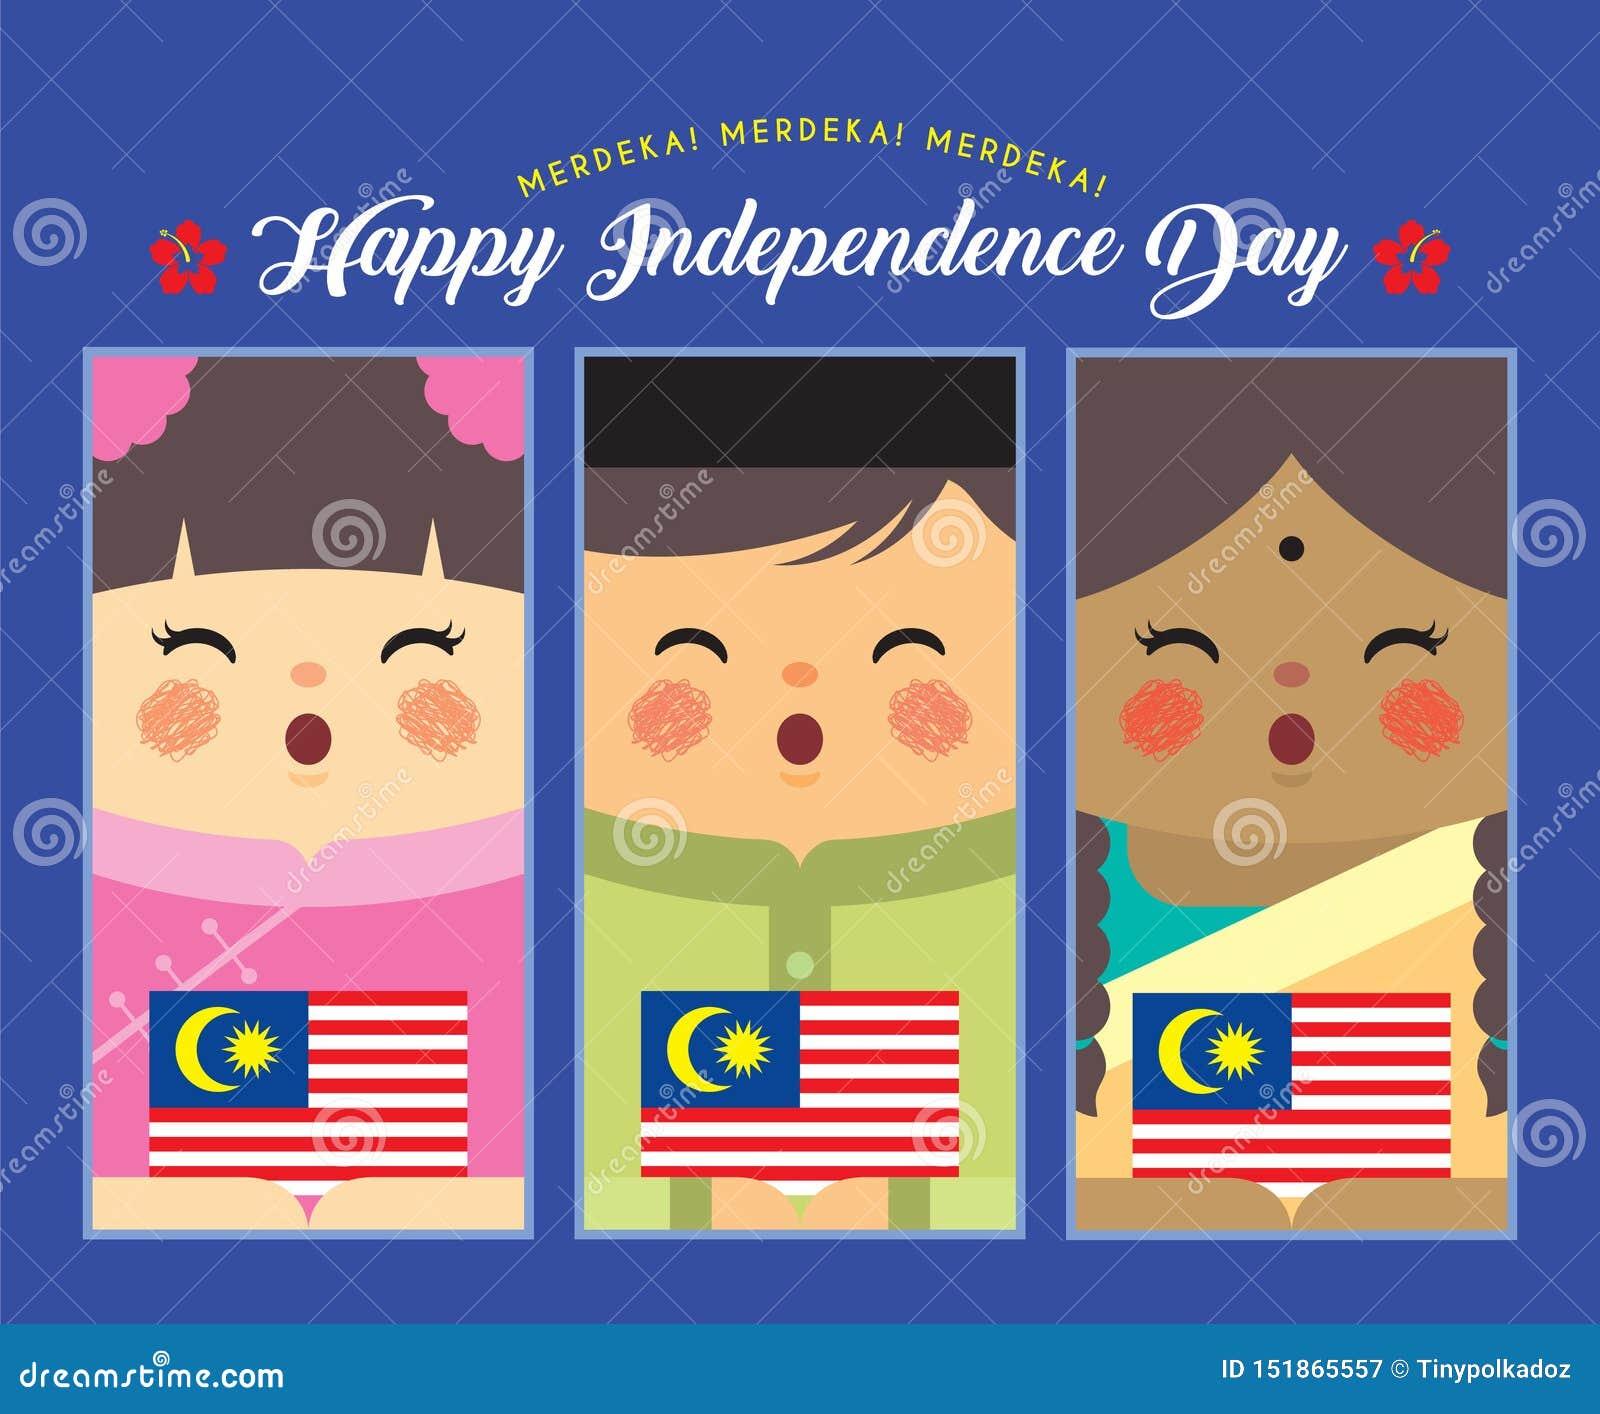 Dia da Independência de Malásia - bandeira malaio, indiana & chinesa dos desenhos animados da terra arrendada de Malásia